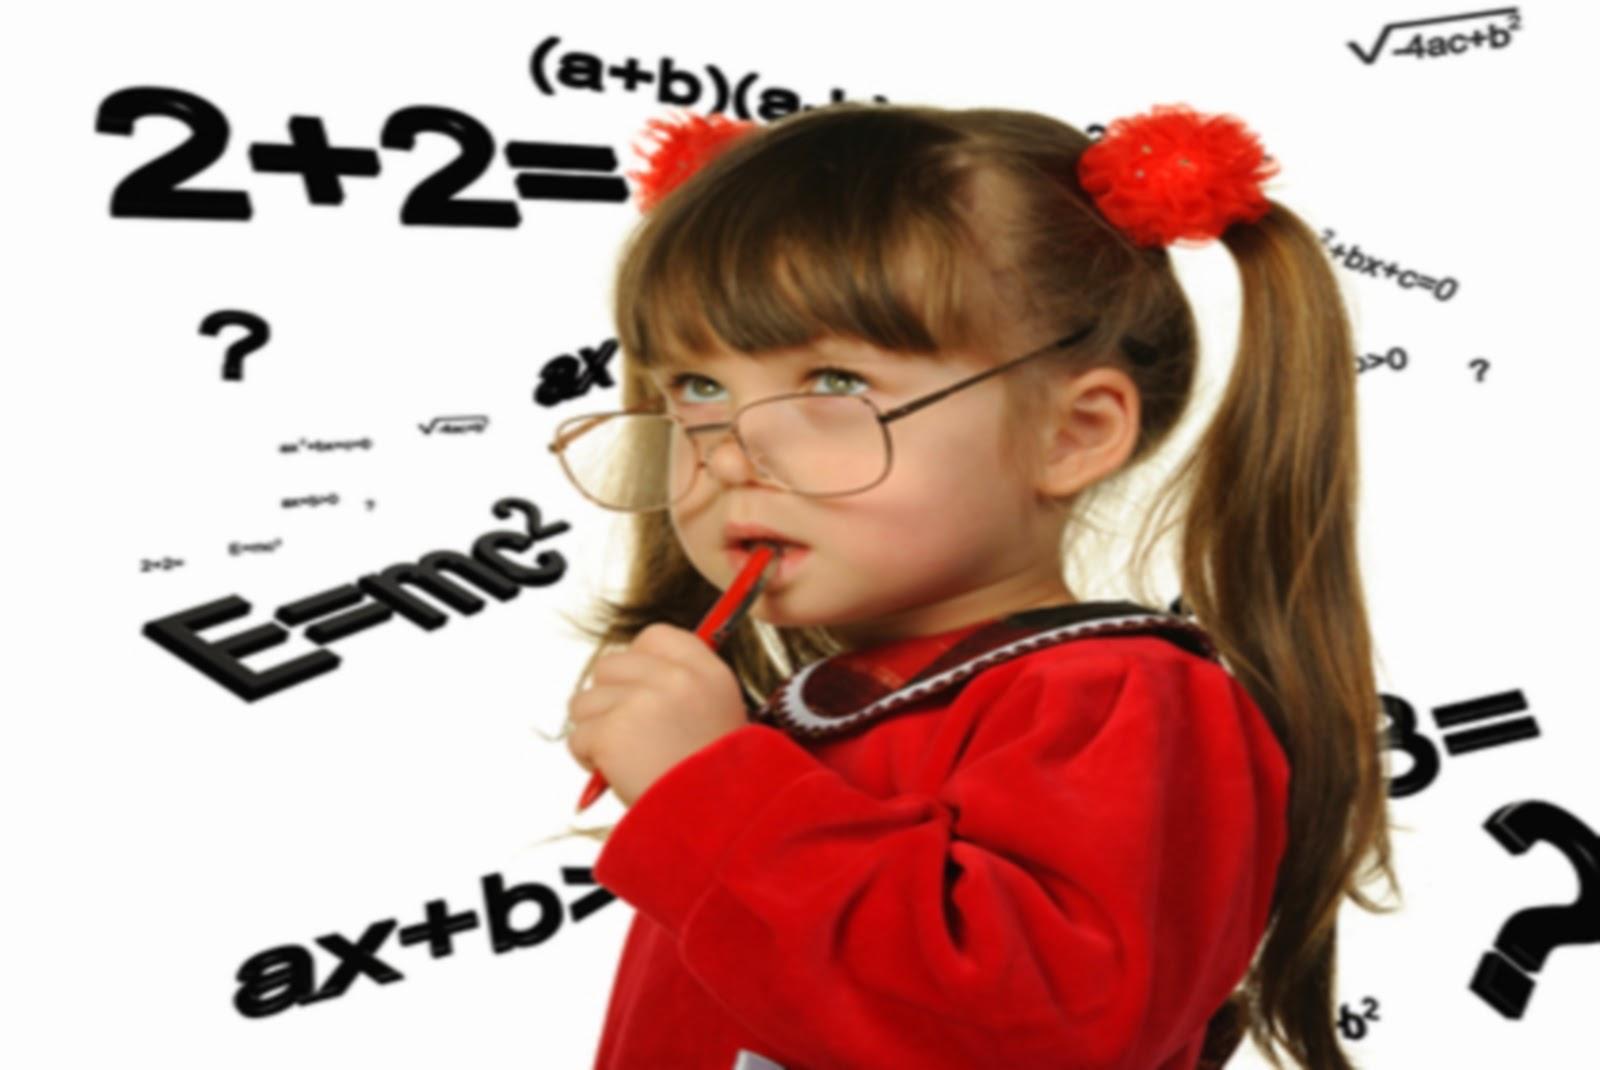 Σχολικές δυσκολίες και μαθησιακές δυσκολίες